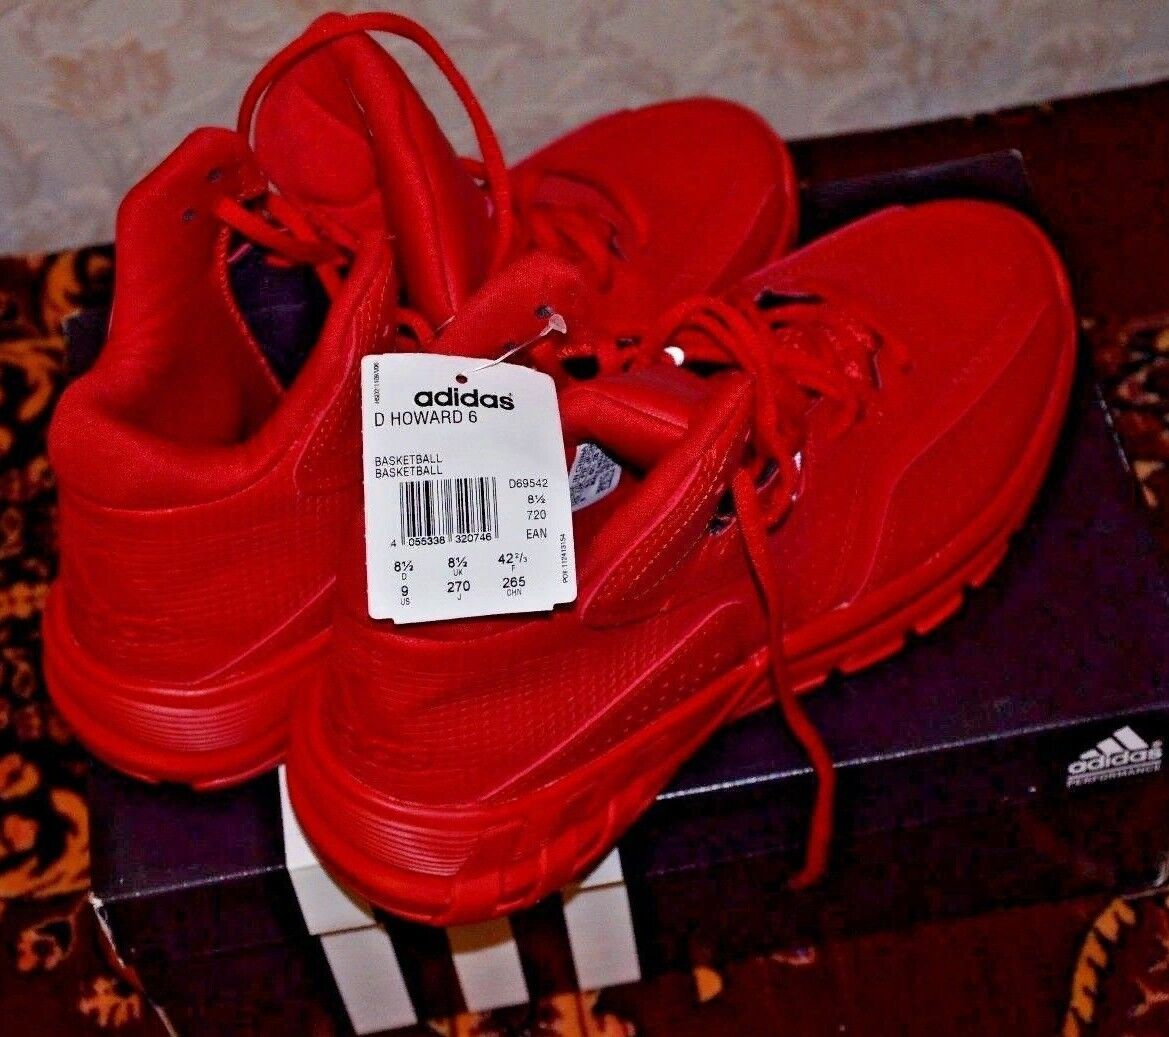 Adidas d howard 6 dwight howard männer - basketball - schuhe 9 (neu)